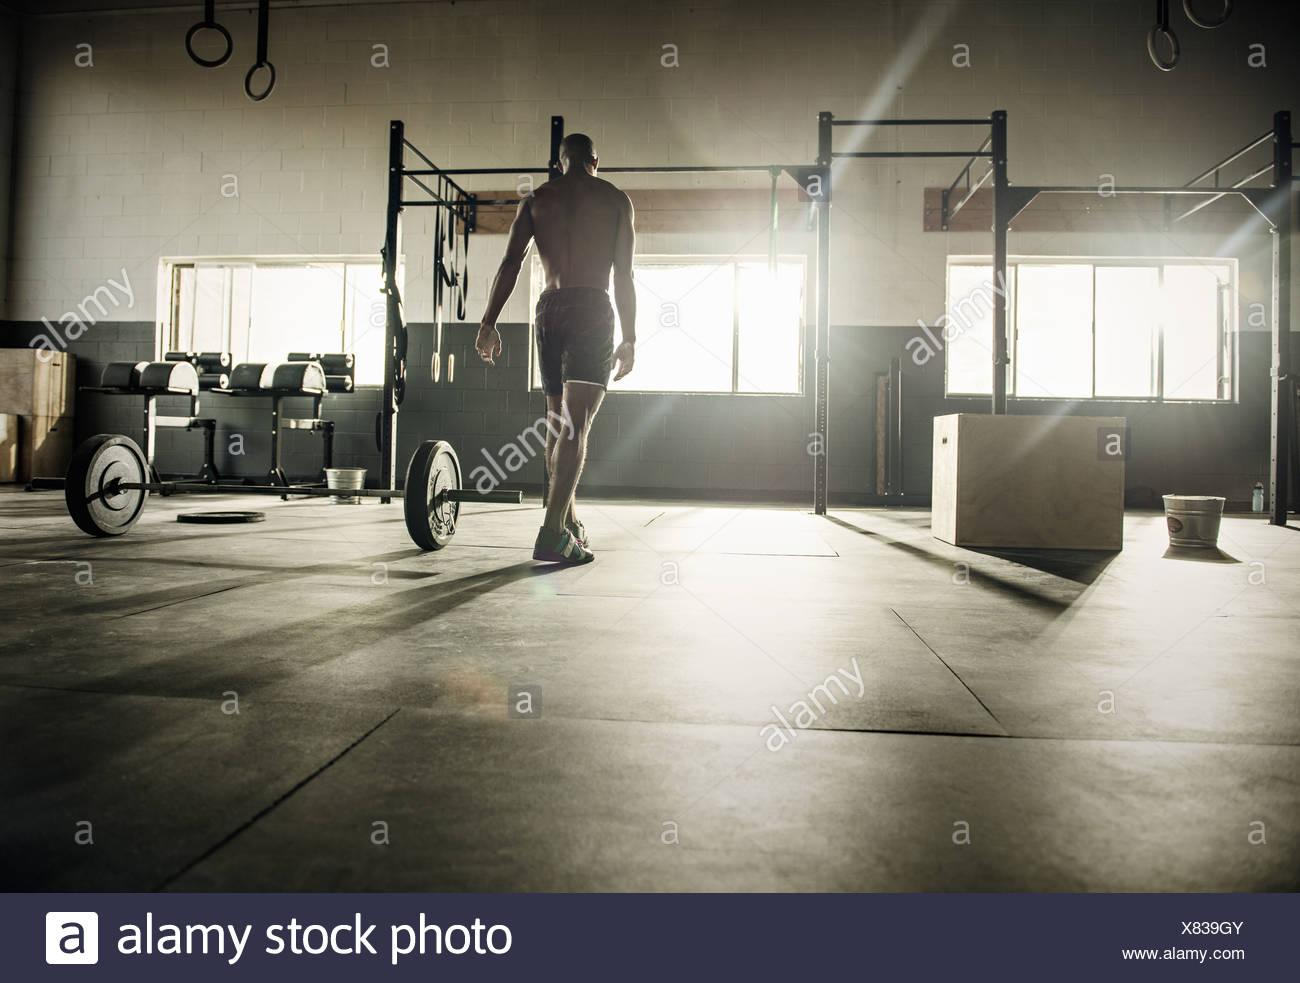 Giovane uomo preparando per esercizio bar in palestra Immagini Stock